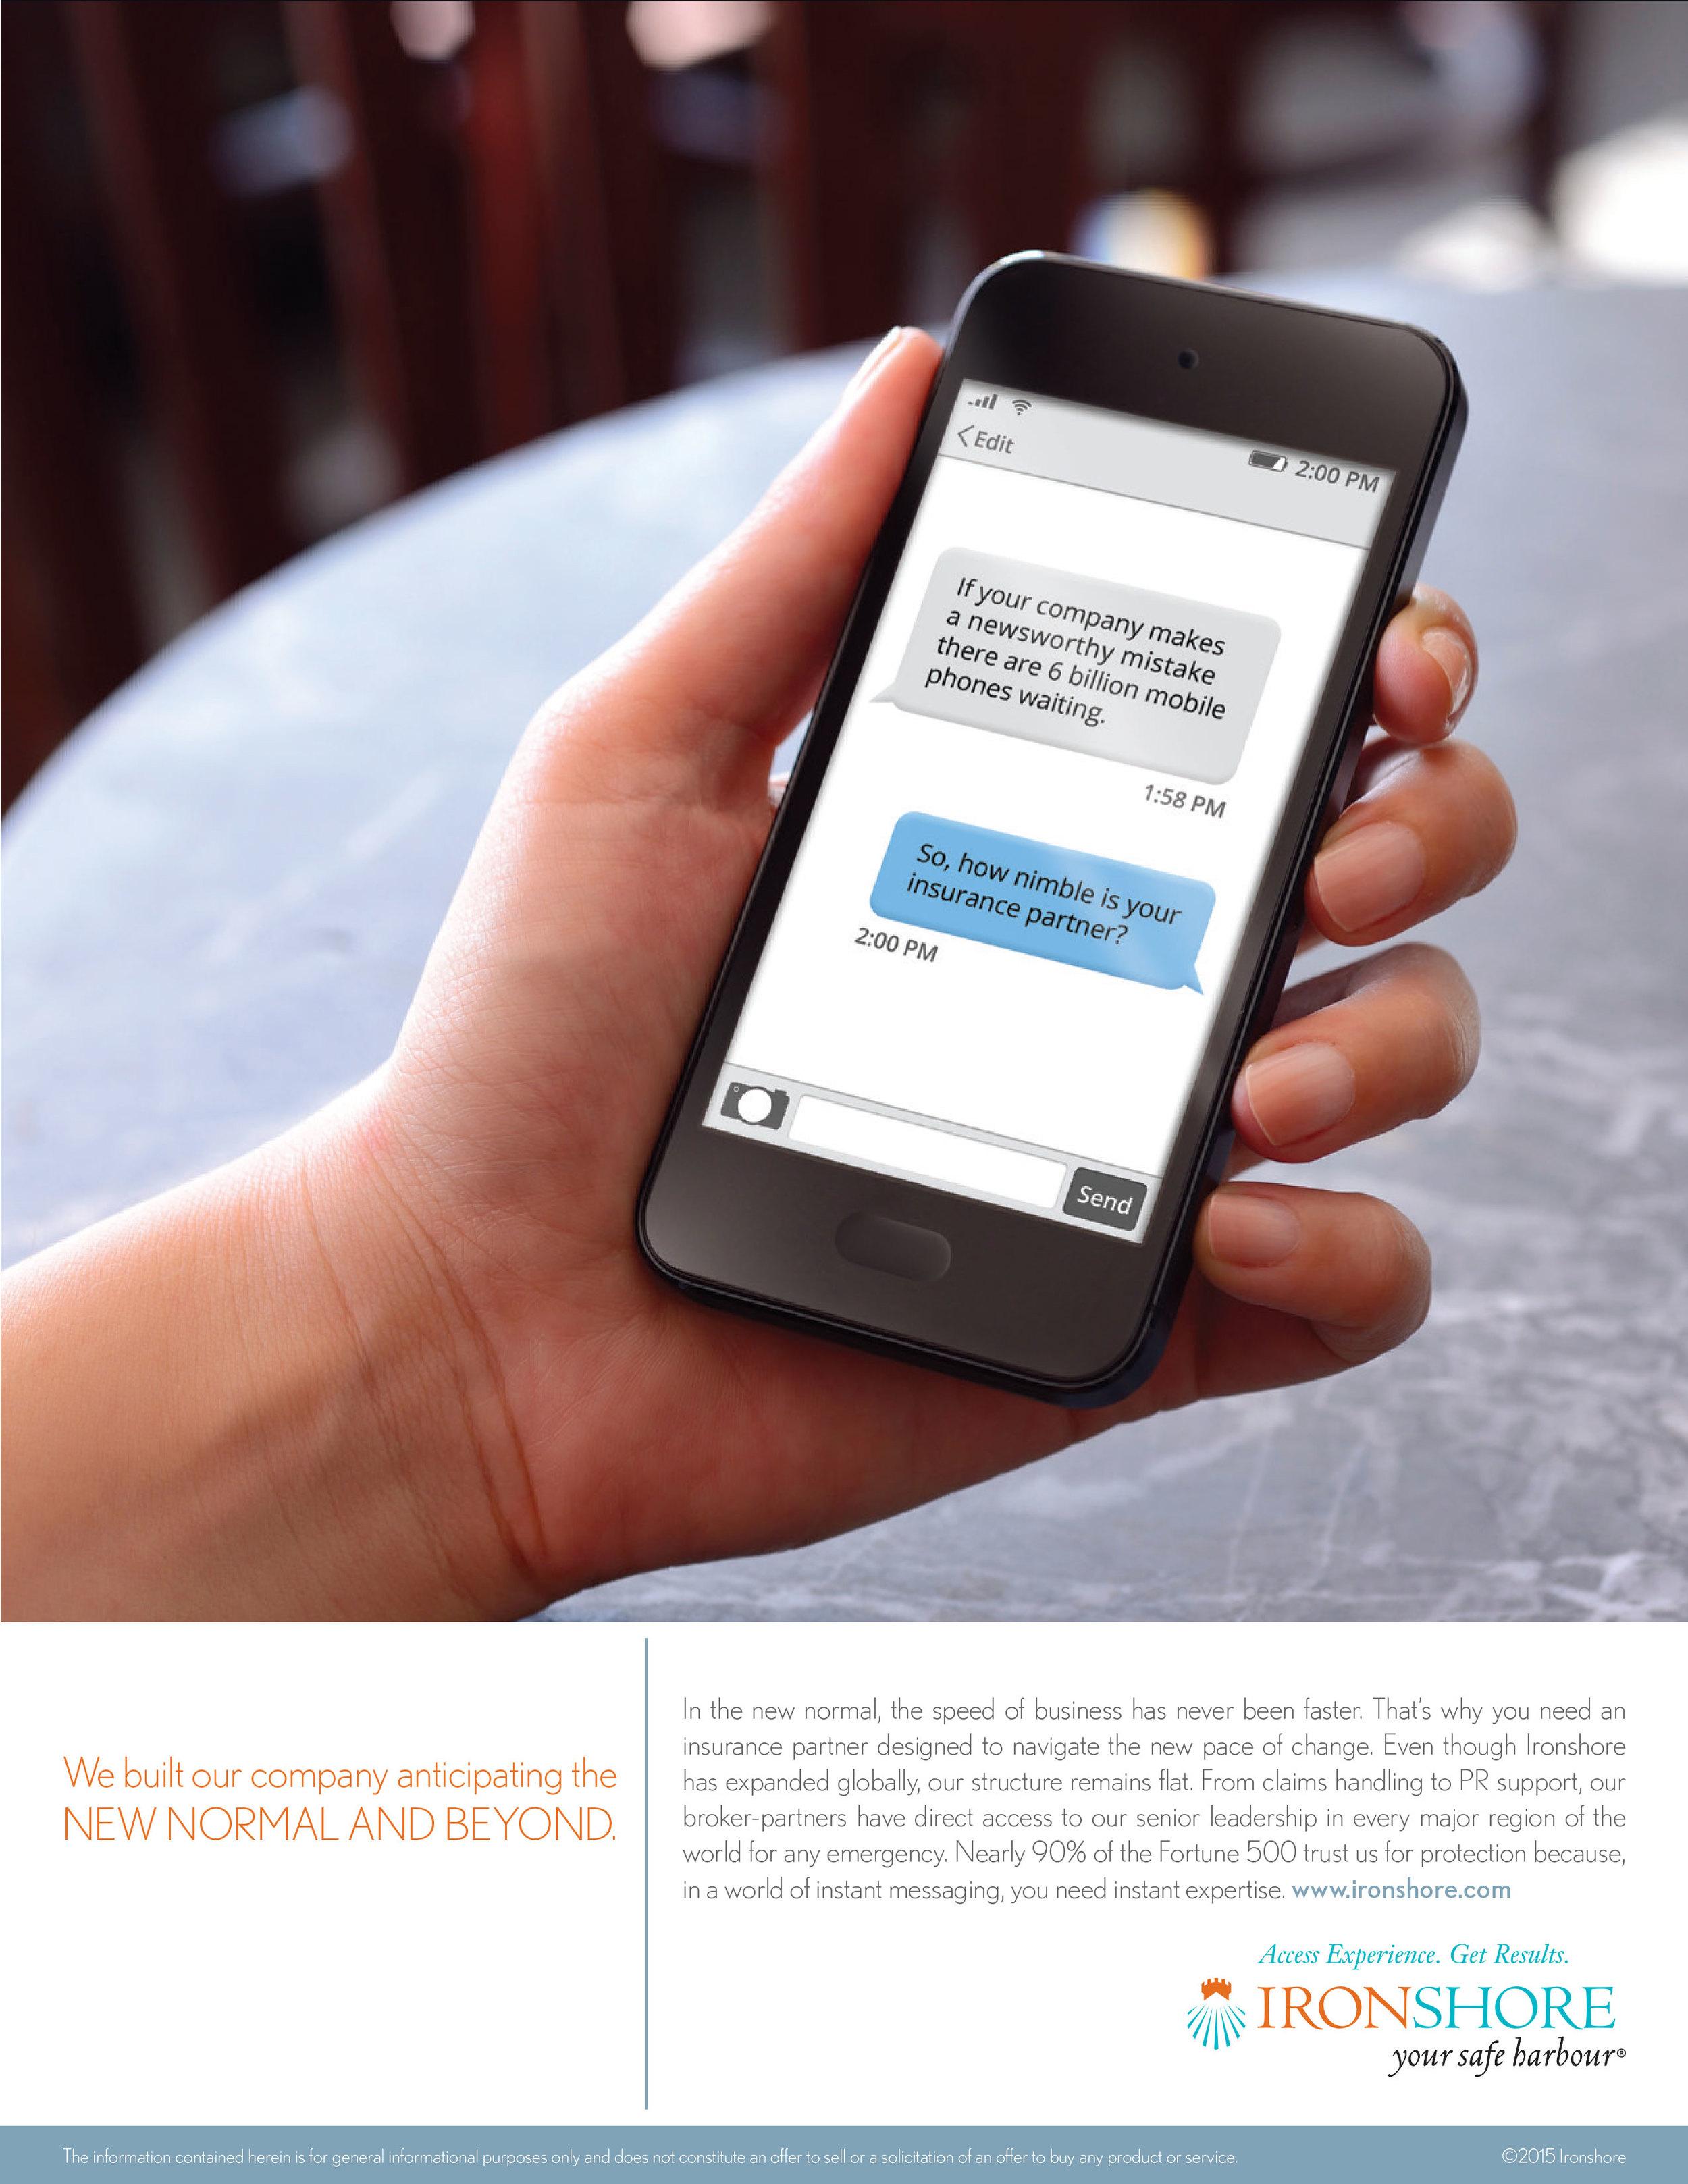 ironshore-insurance-advertising-mobile.jpg